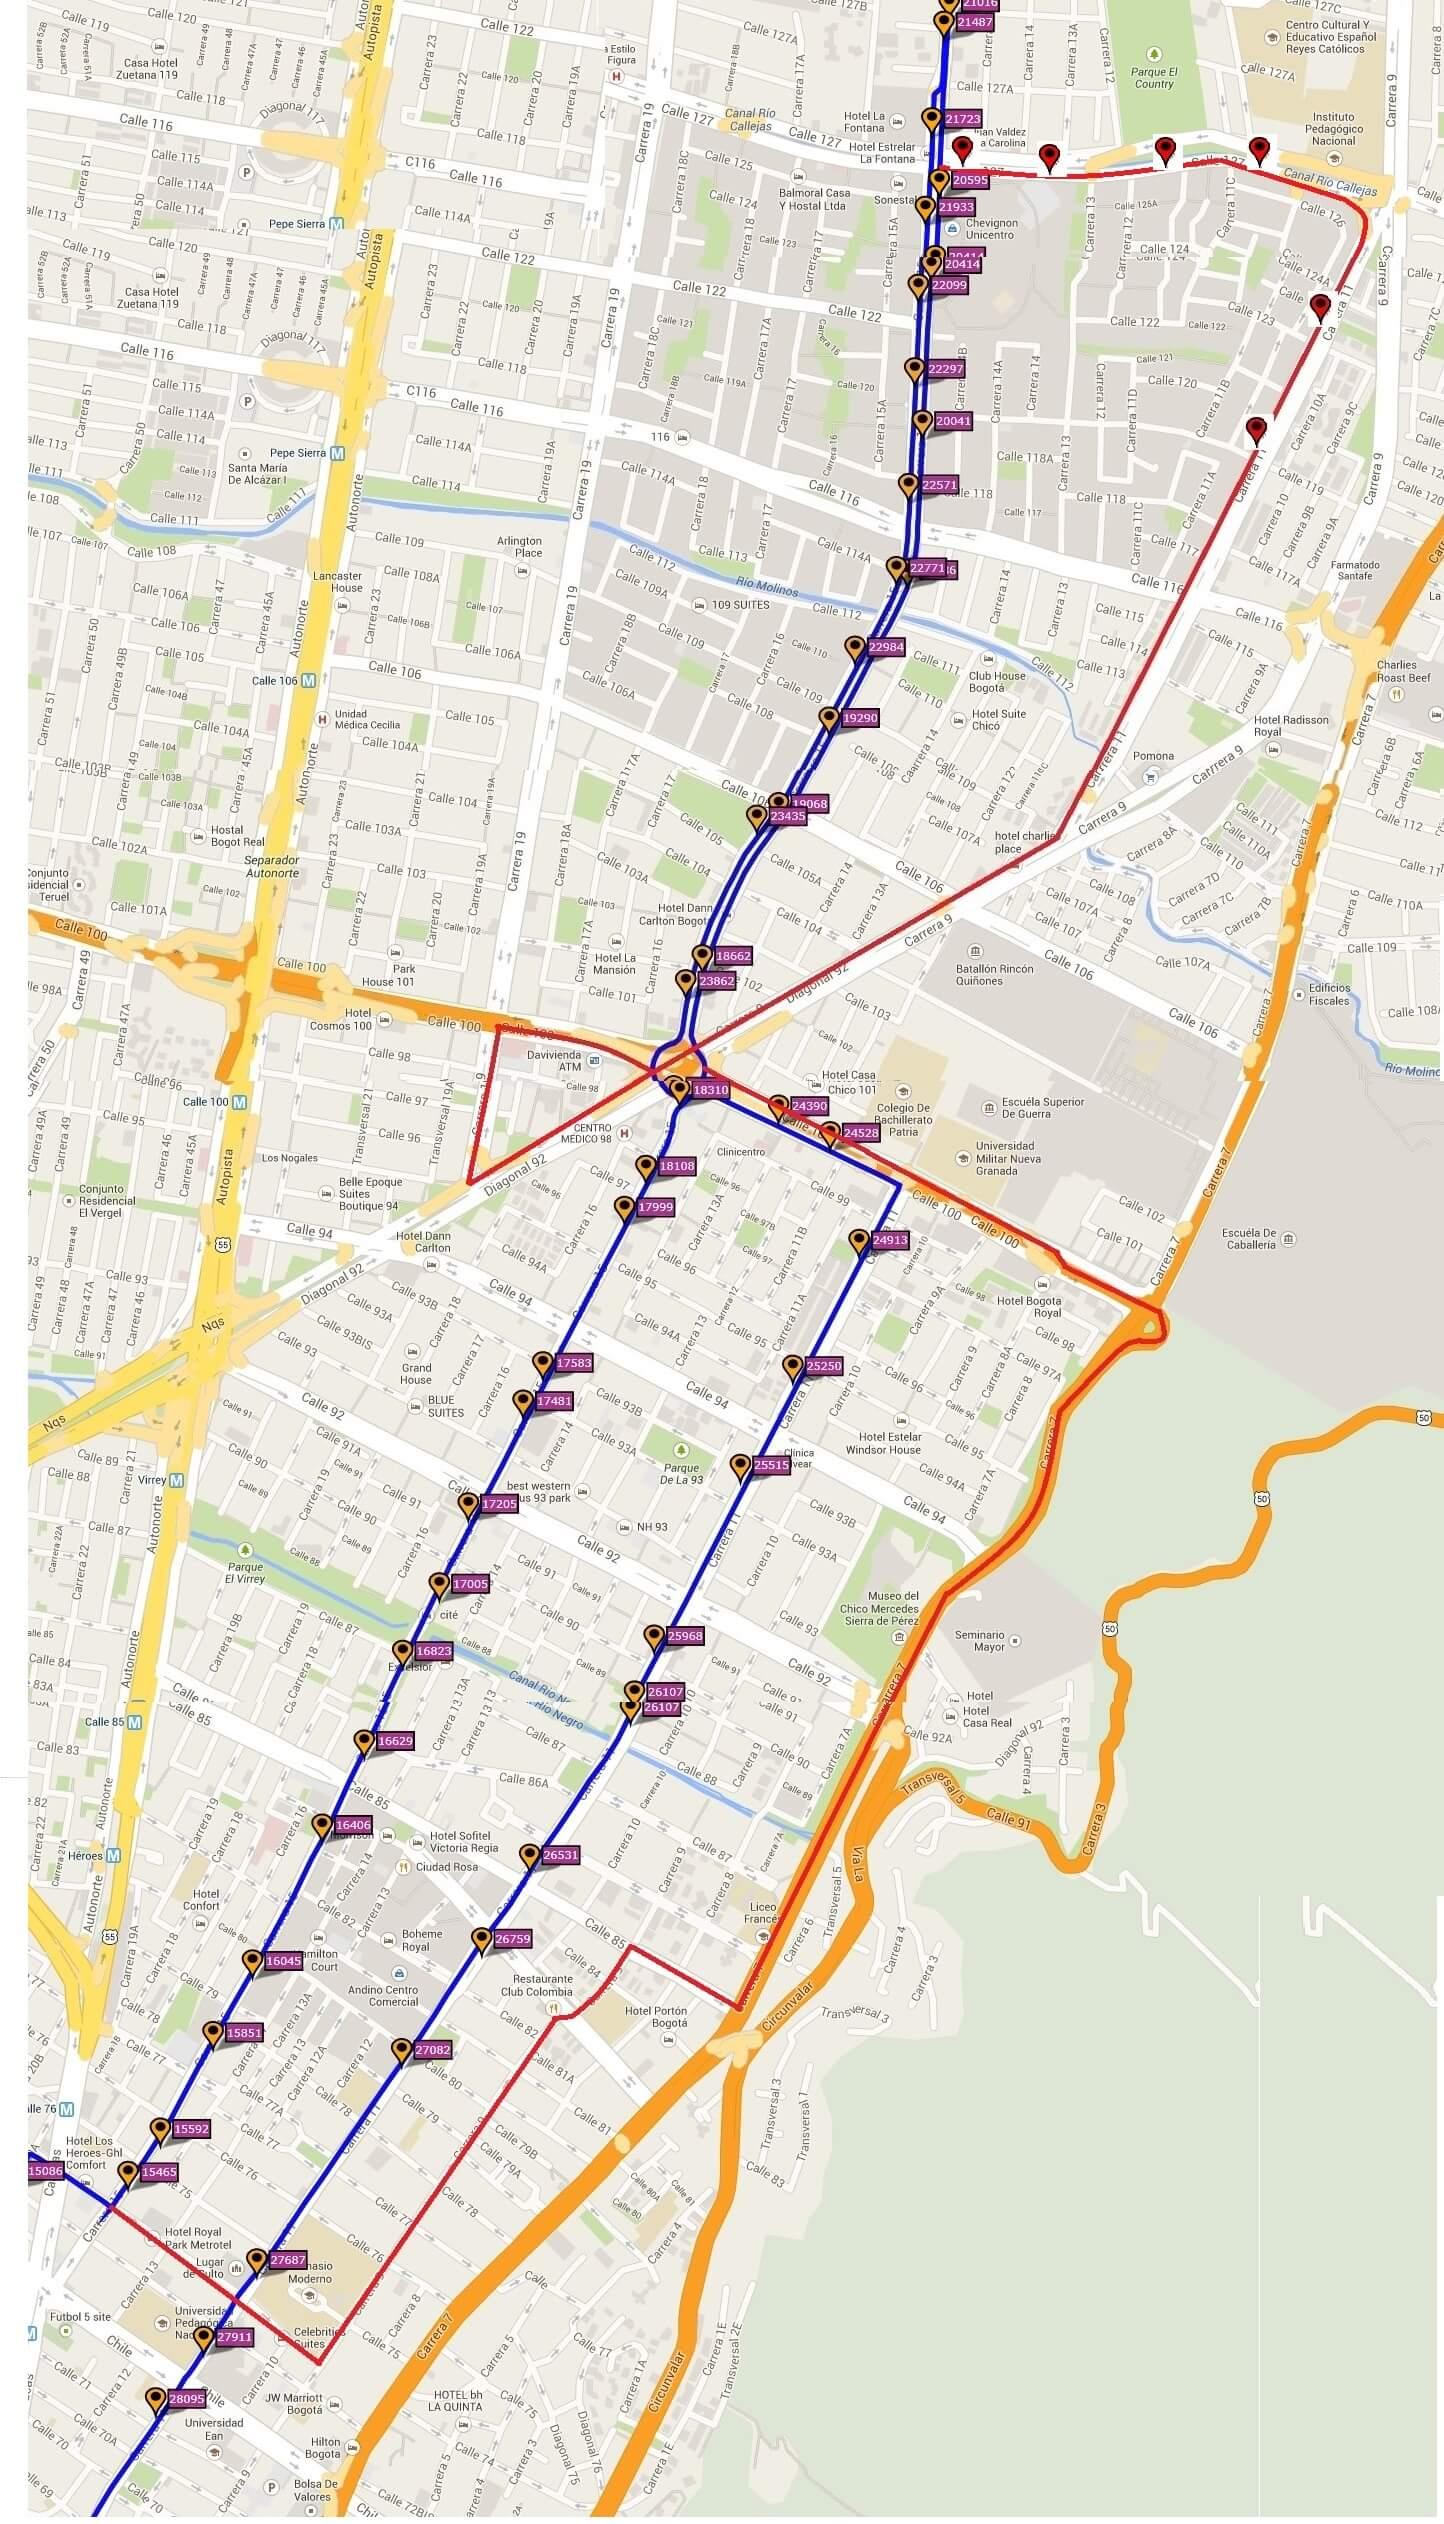 Ruta SITP: 466 Sabana del Dorado ↔ Unicentro [Urbana] 6